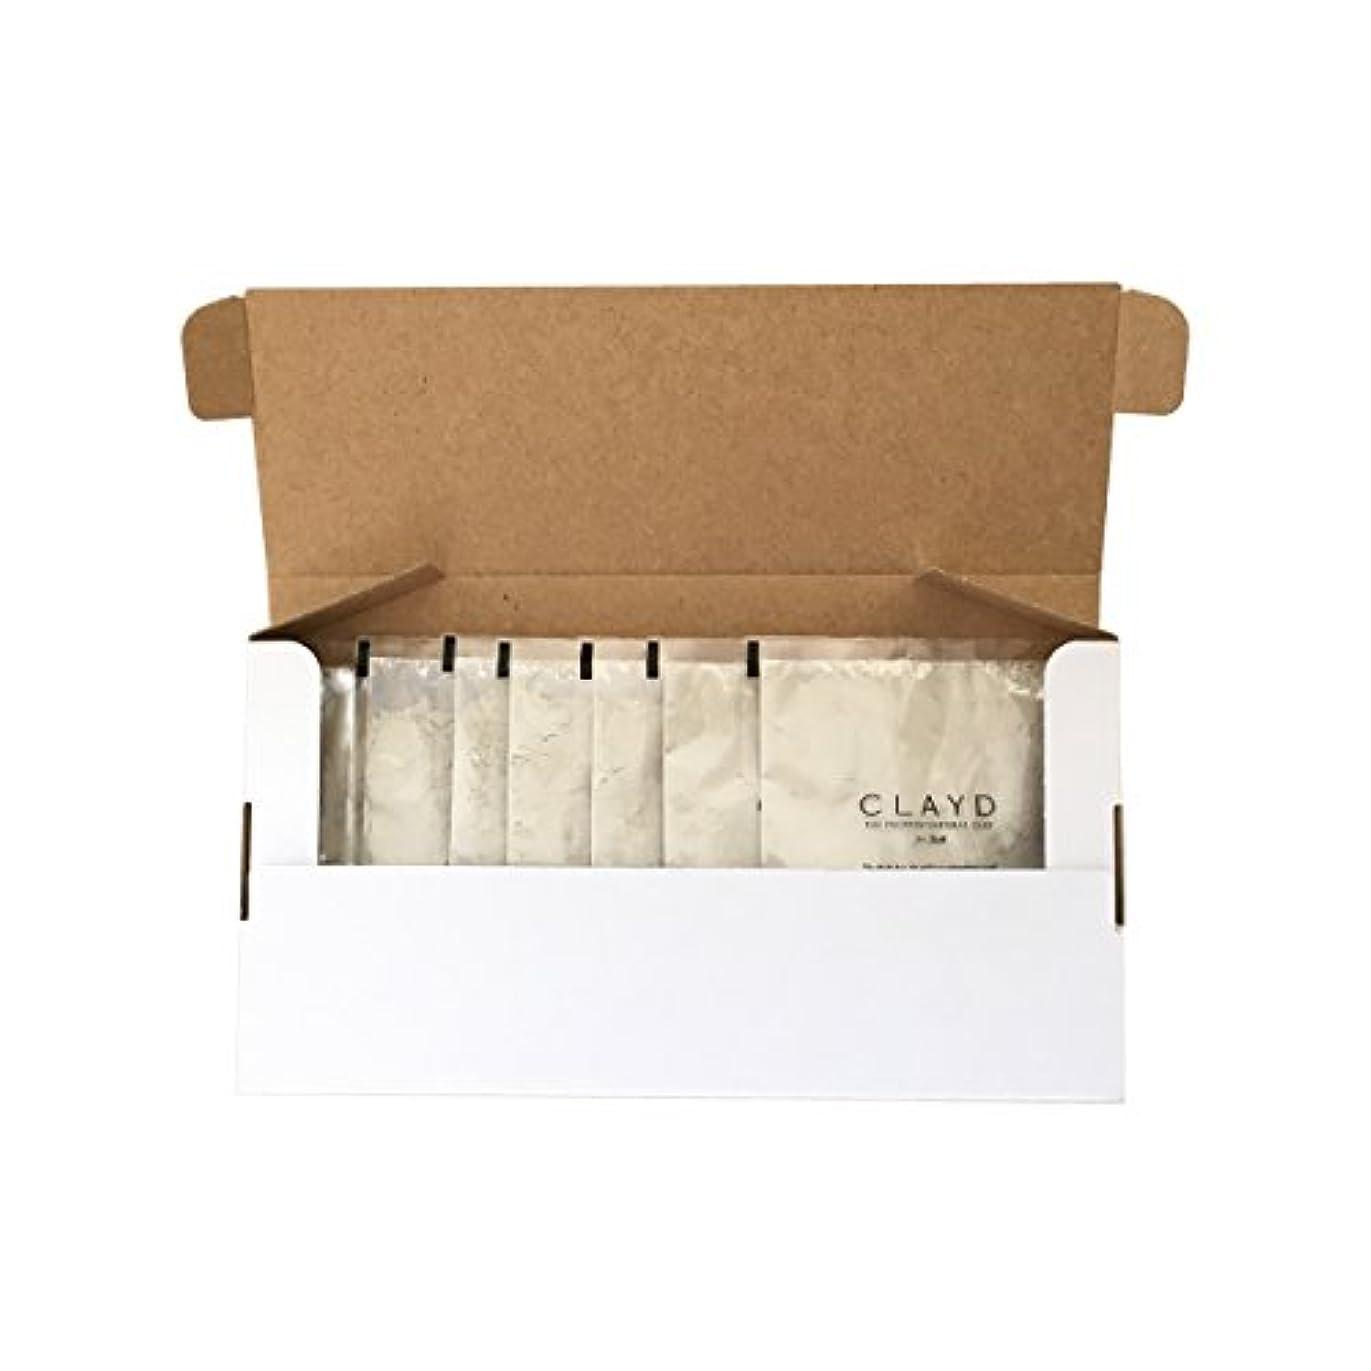 受け入れるへこみイベントCLAYD for Bath(クレイドフォーバス)ONE WEEK TRIAL(30g×7袋)